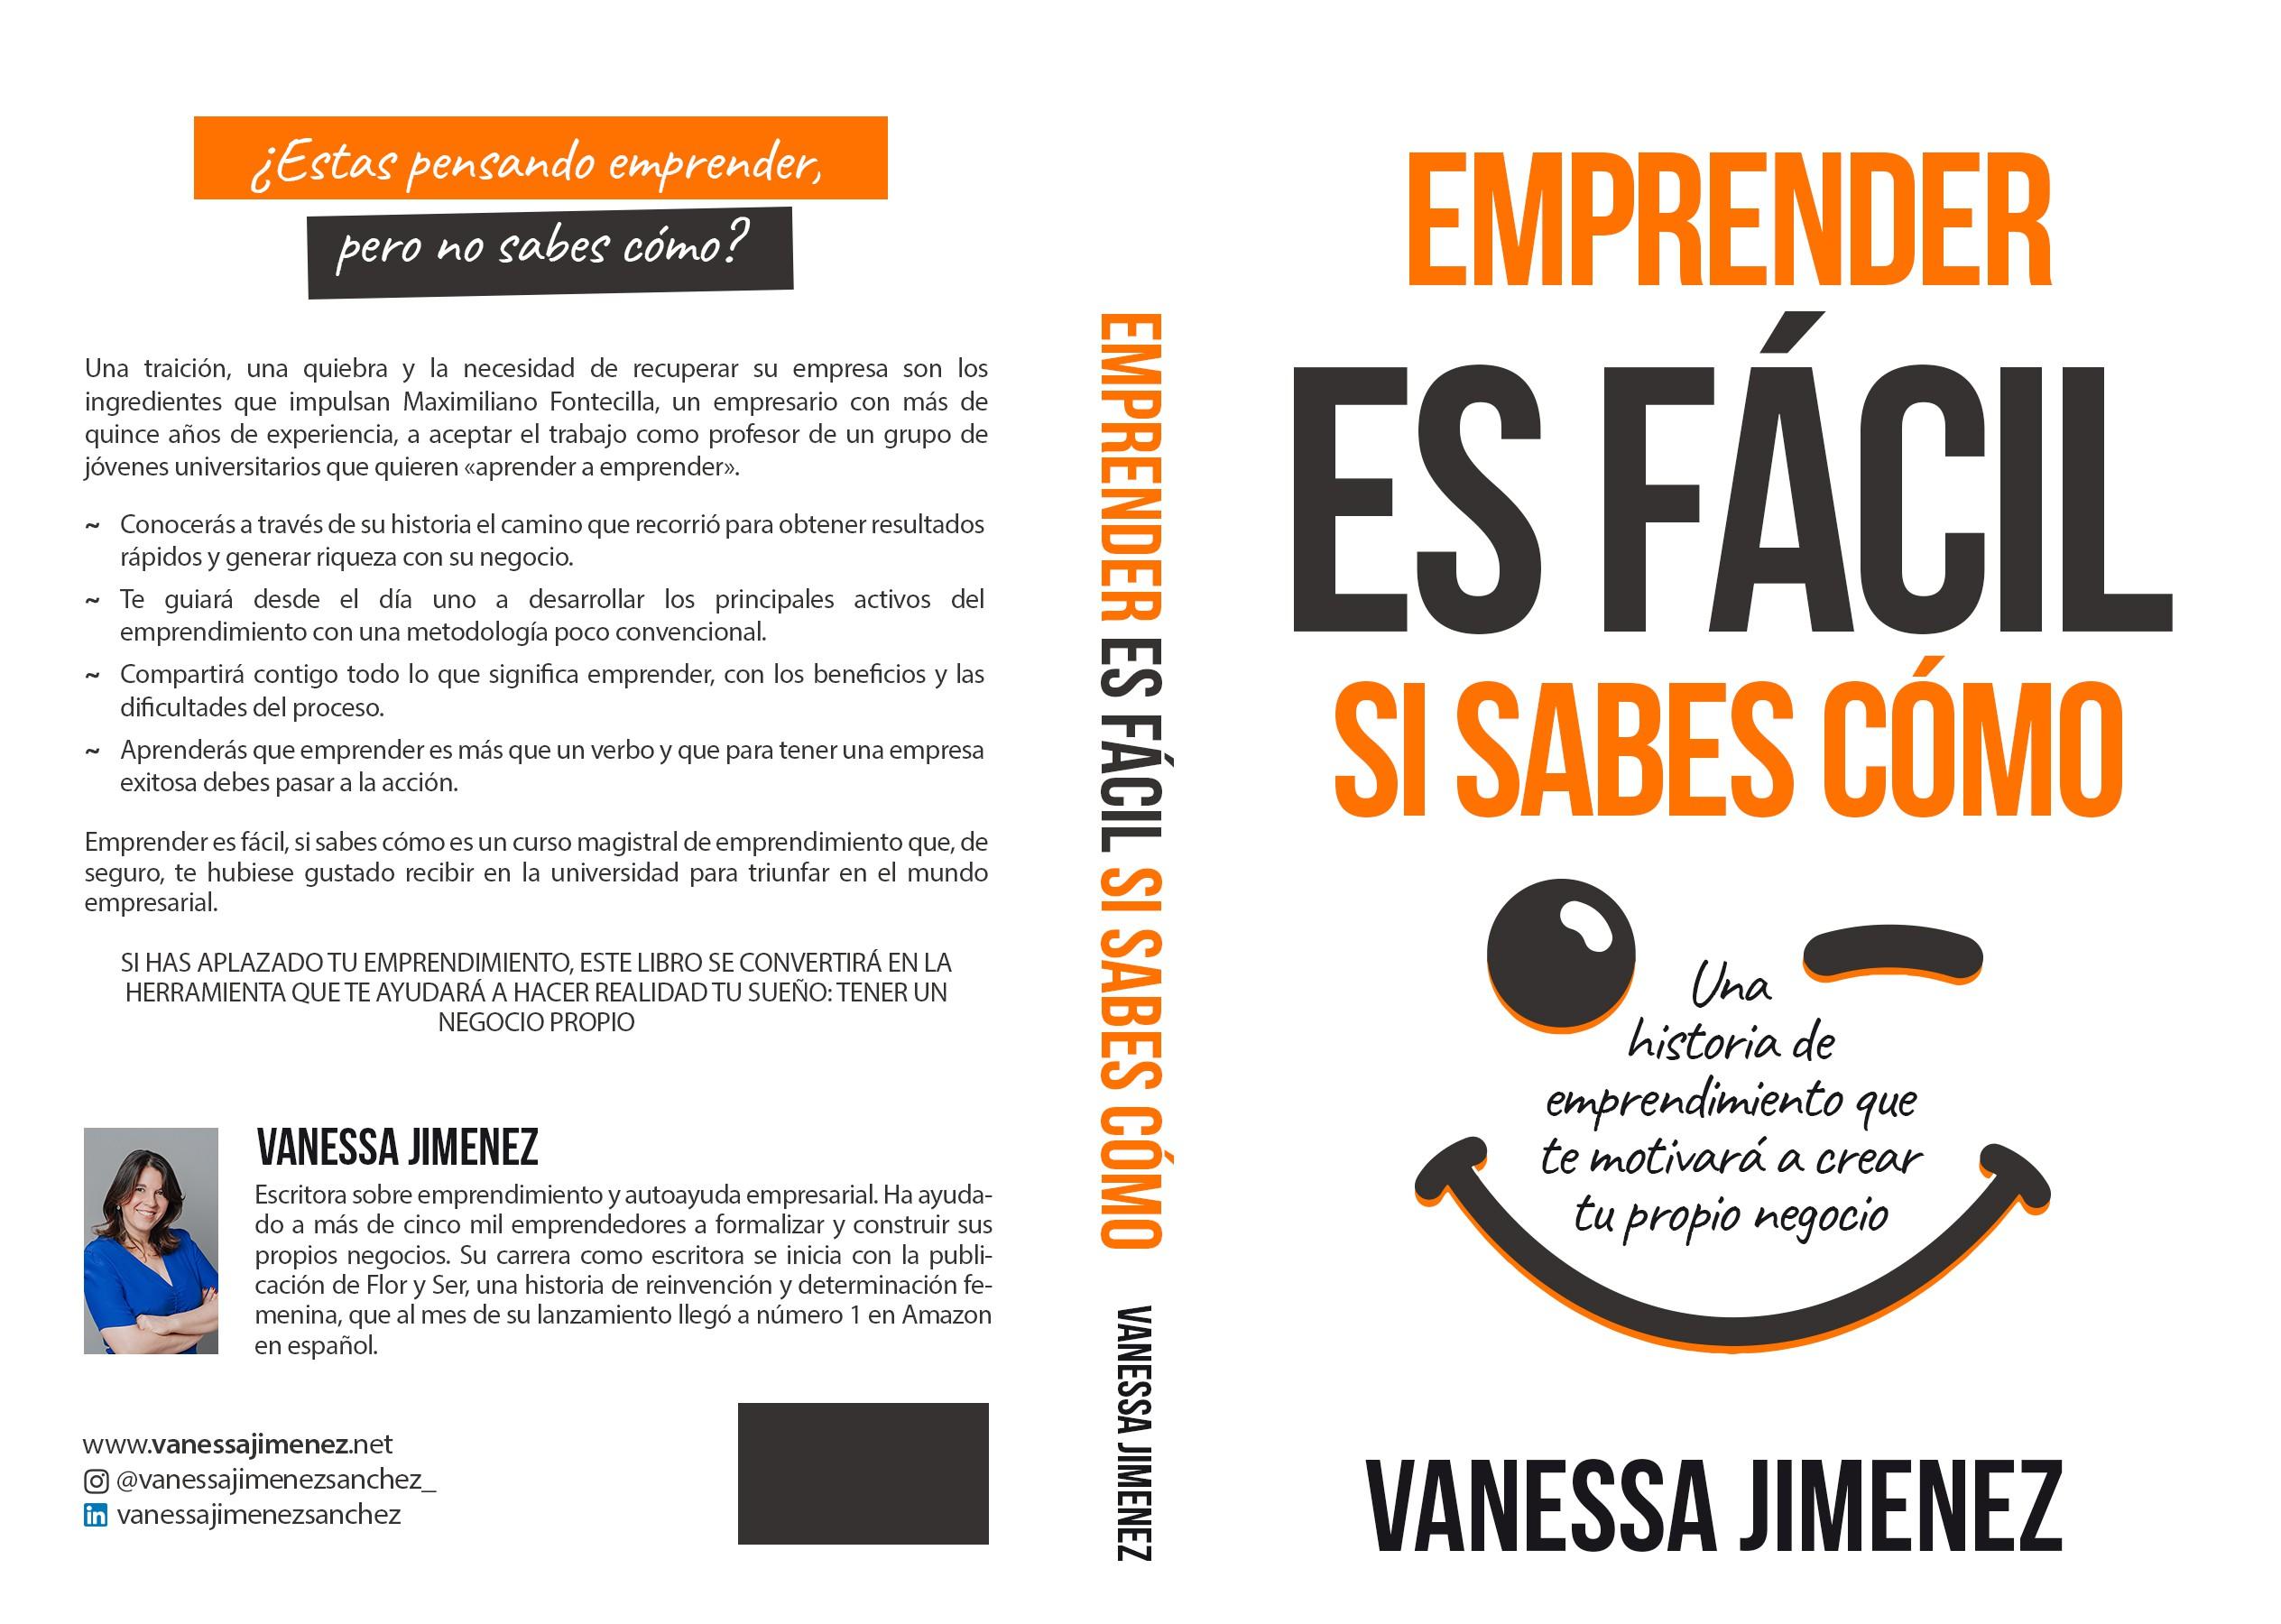 Diseño de portada para emprendedores